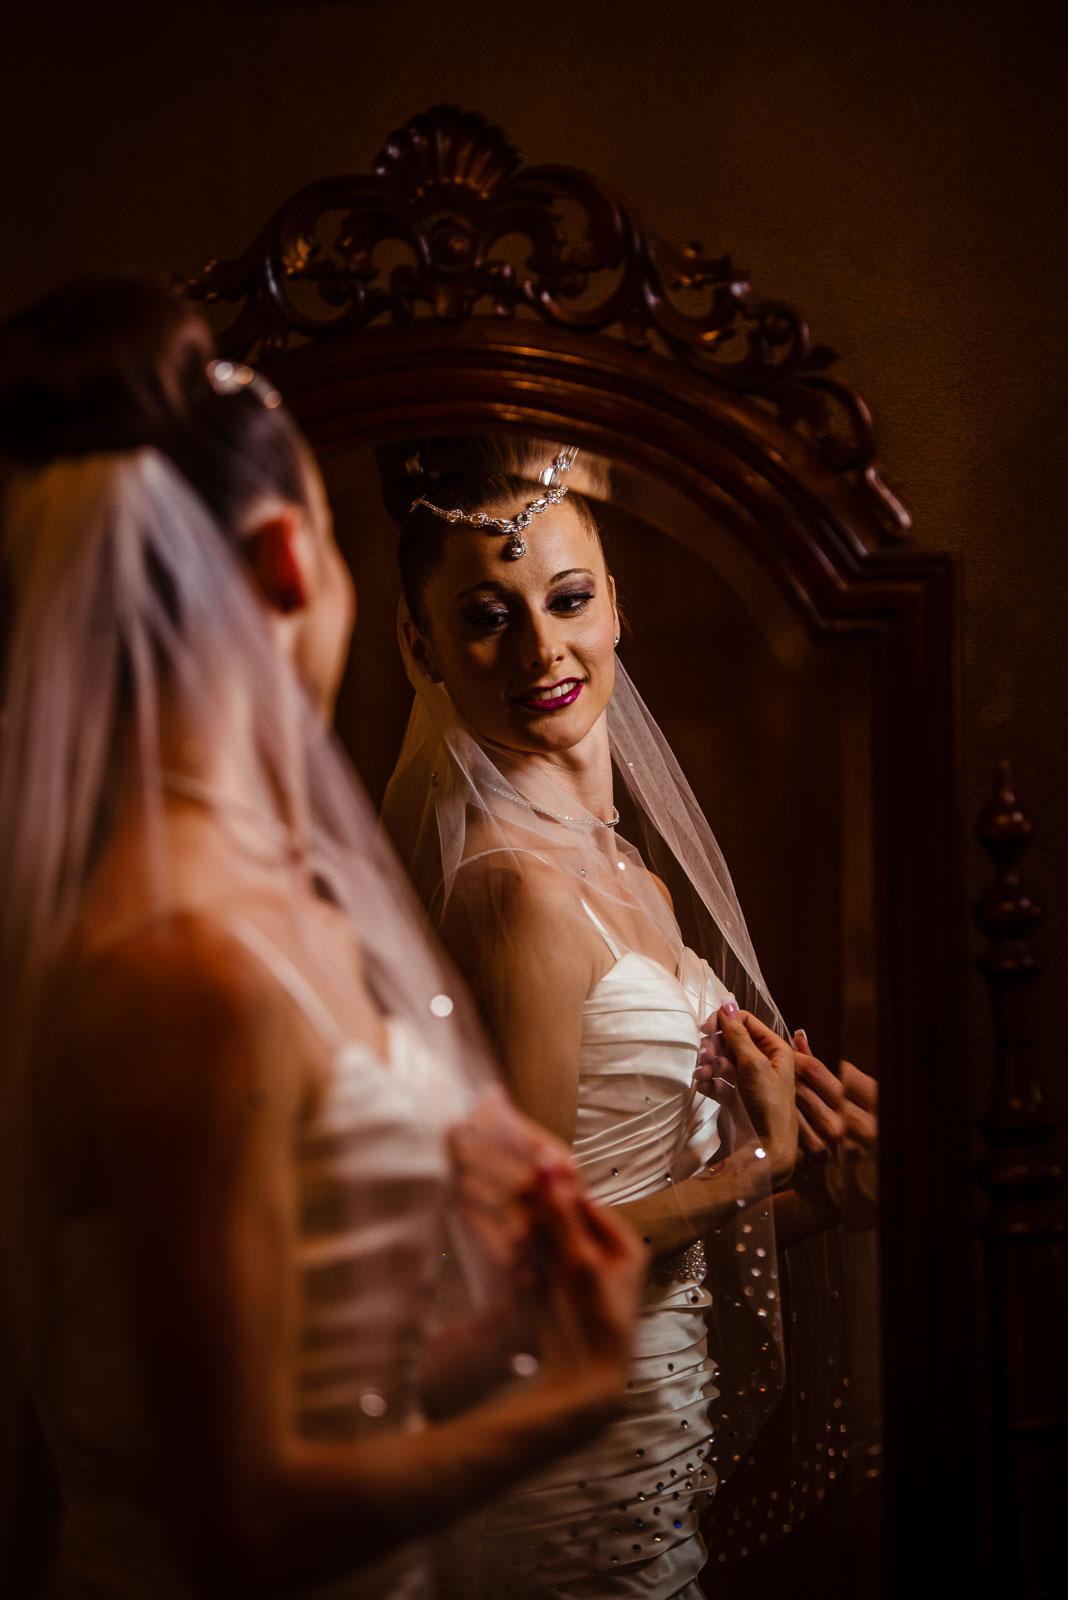 Bride look in mirror